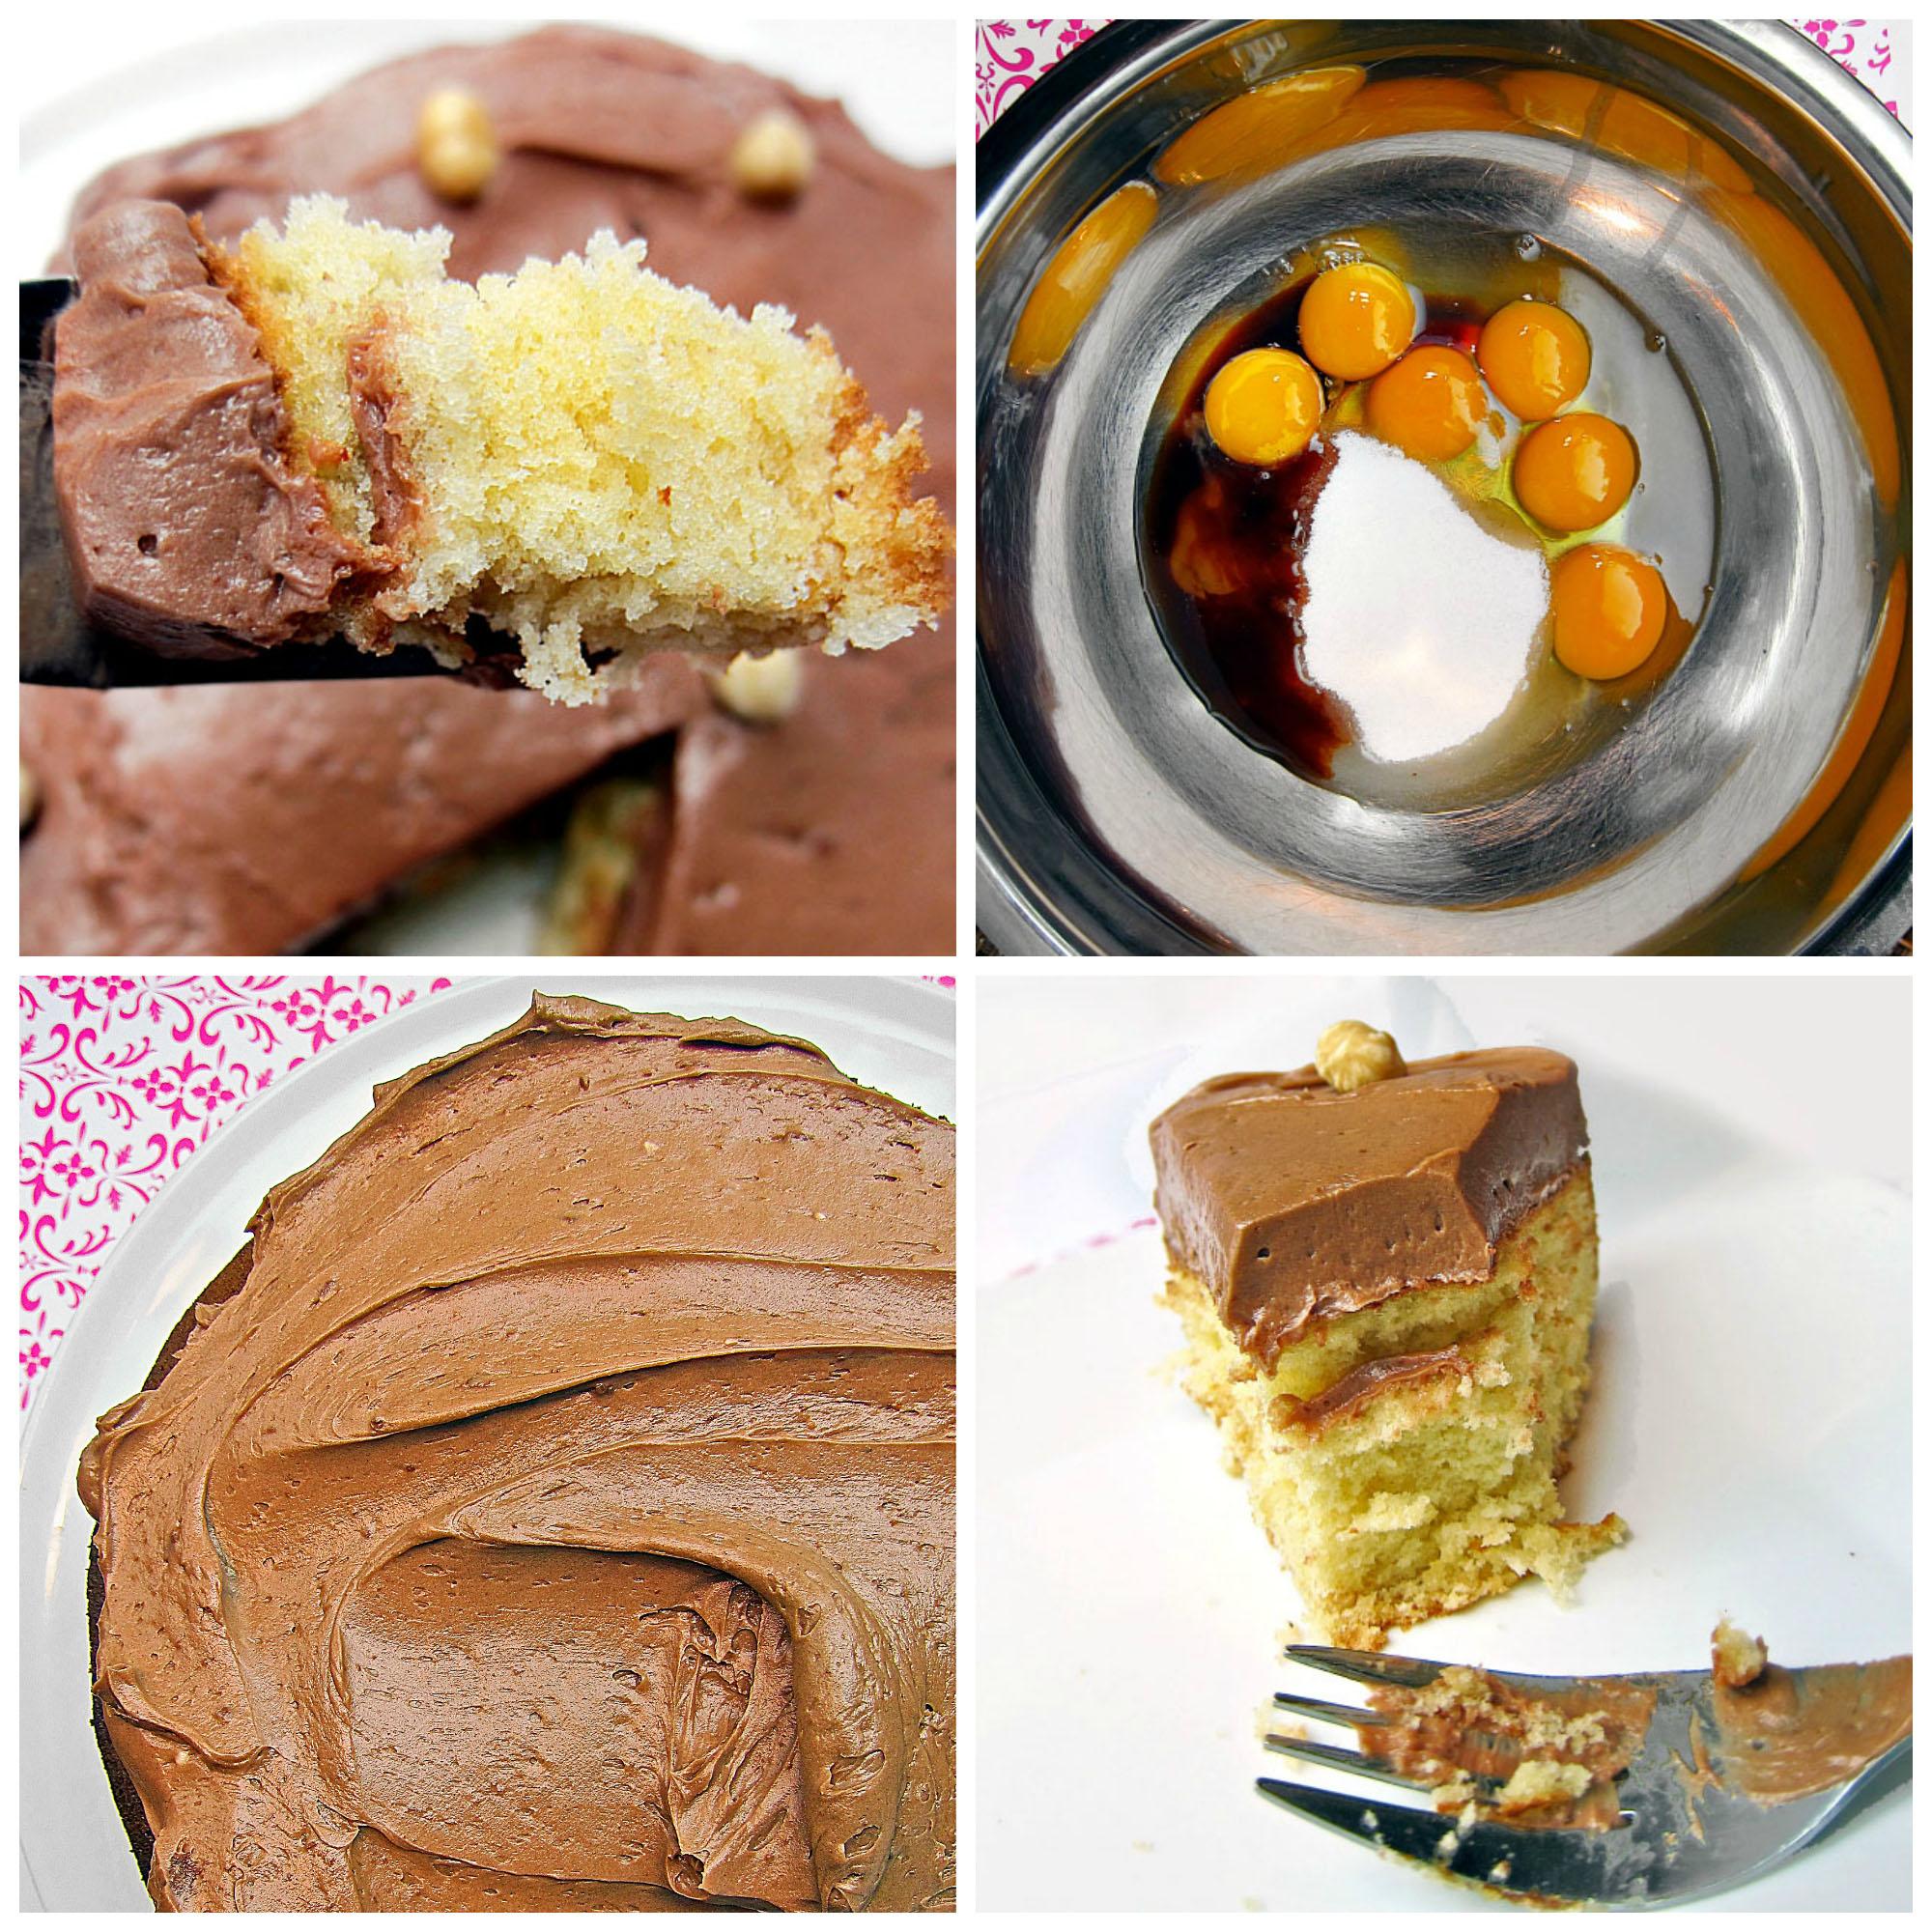 Hazelnut Cake with Milk Chocolate Hazelnut Frosting | A Colorado food ...